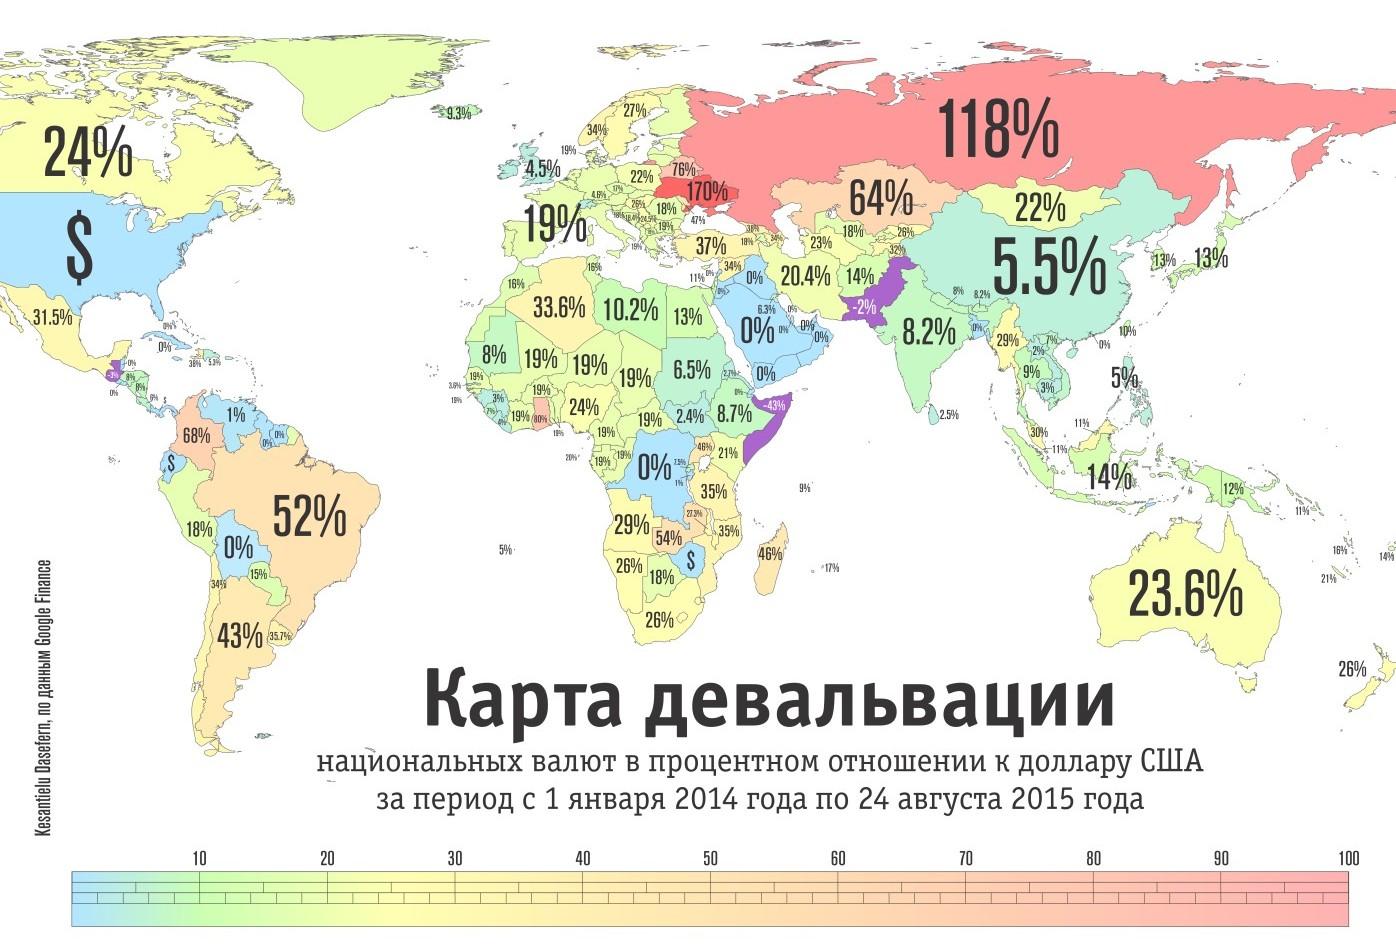 """Україна стала """"чемпіоном світу"""" з девальвації. Росіяни - другі - фото 1"""